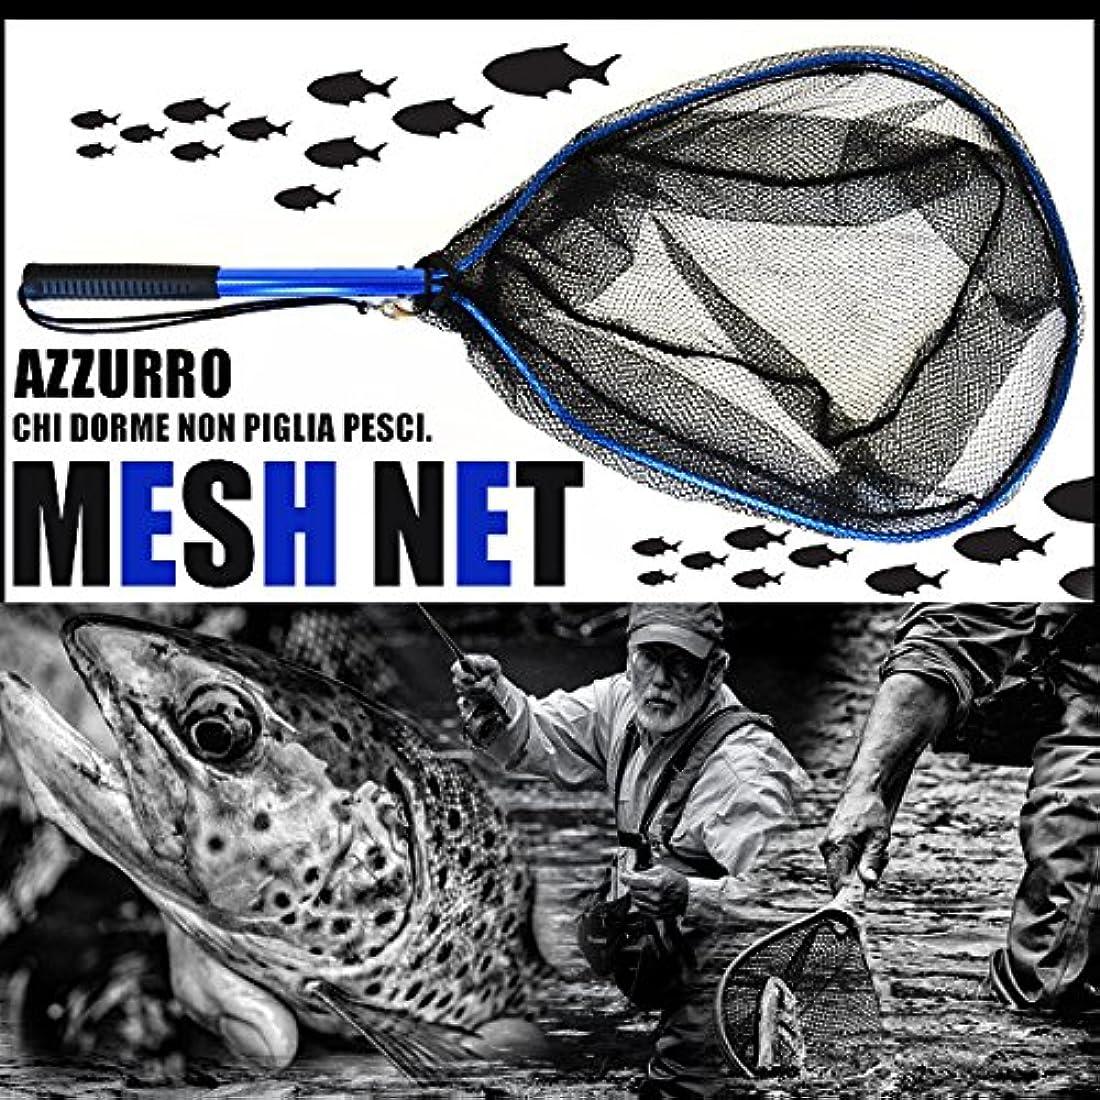 店員夜の動物園泥沼AZ メッシュネット Sサイズ トラウト 渓流 アジング メバリング 川魚 にも最適。魚を傷をつけないメッシュ素材!